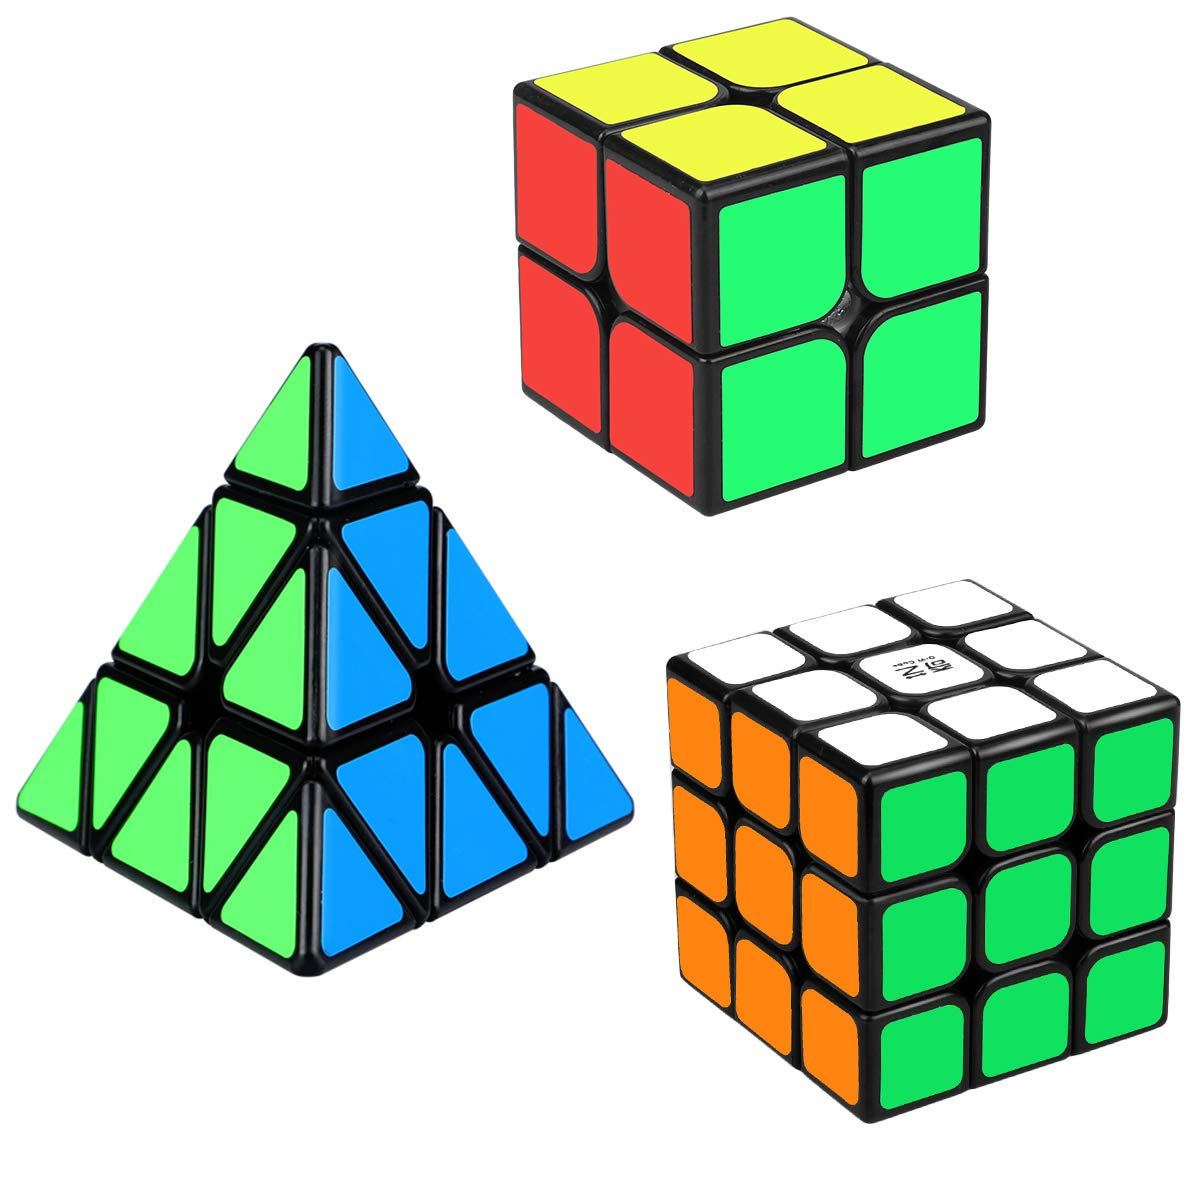 印象のデザイン QiYi Speed B07JZF8GP8 Cube Set, Aitbay Kids Magic Cube Set 2x2 Pack) 3x3x3 Pyramid Smooth Puzzle Cube Bundle Toy for Kids (3 Pack) B07JZF8GP8, CQB:5e834c01 --- a0267596.xsph.ru